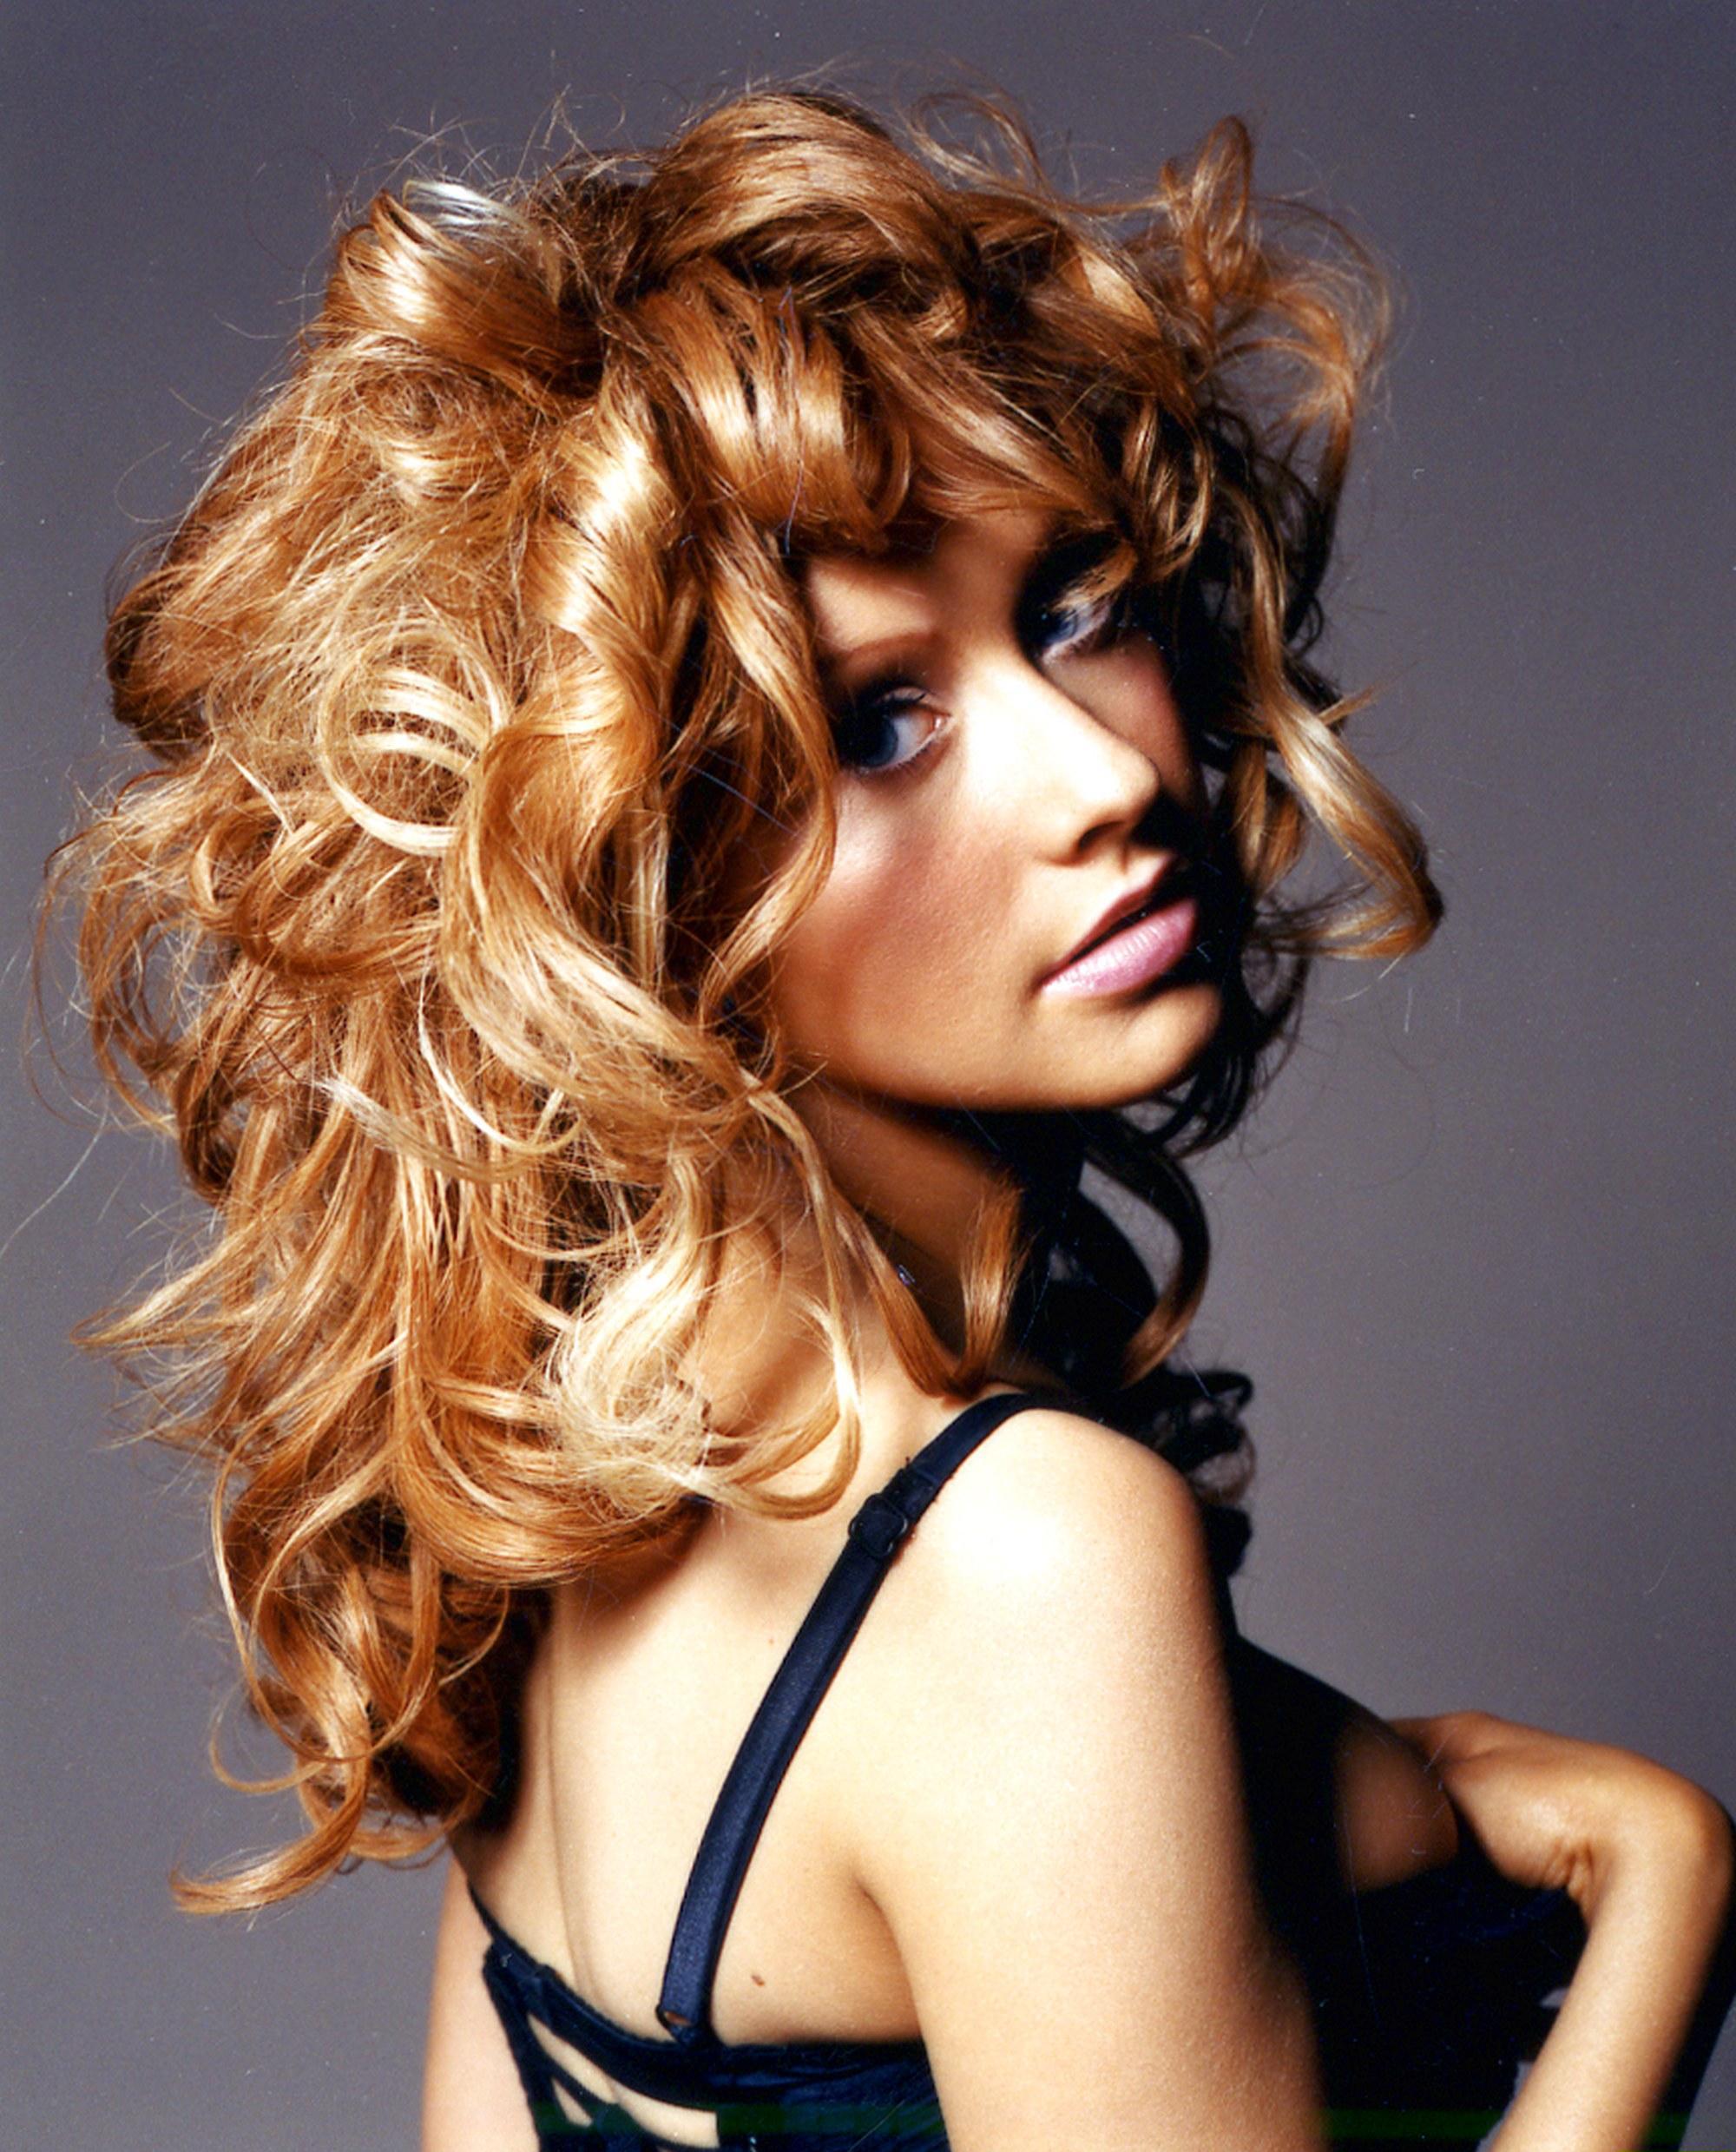 84971_Christina_Aguilera-011441_Glamour_UK_Photoshoot_122_459lo.jpg